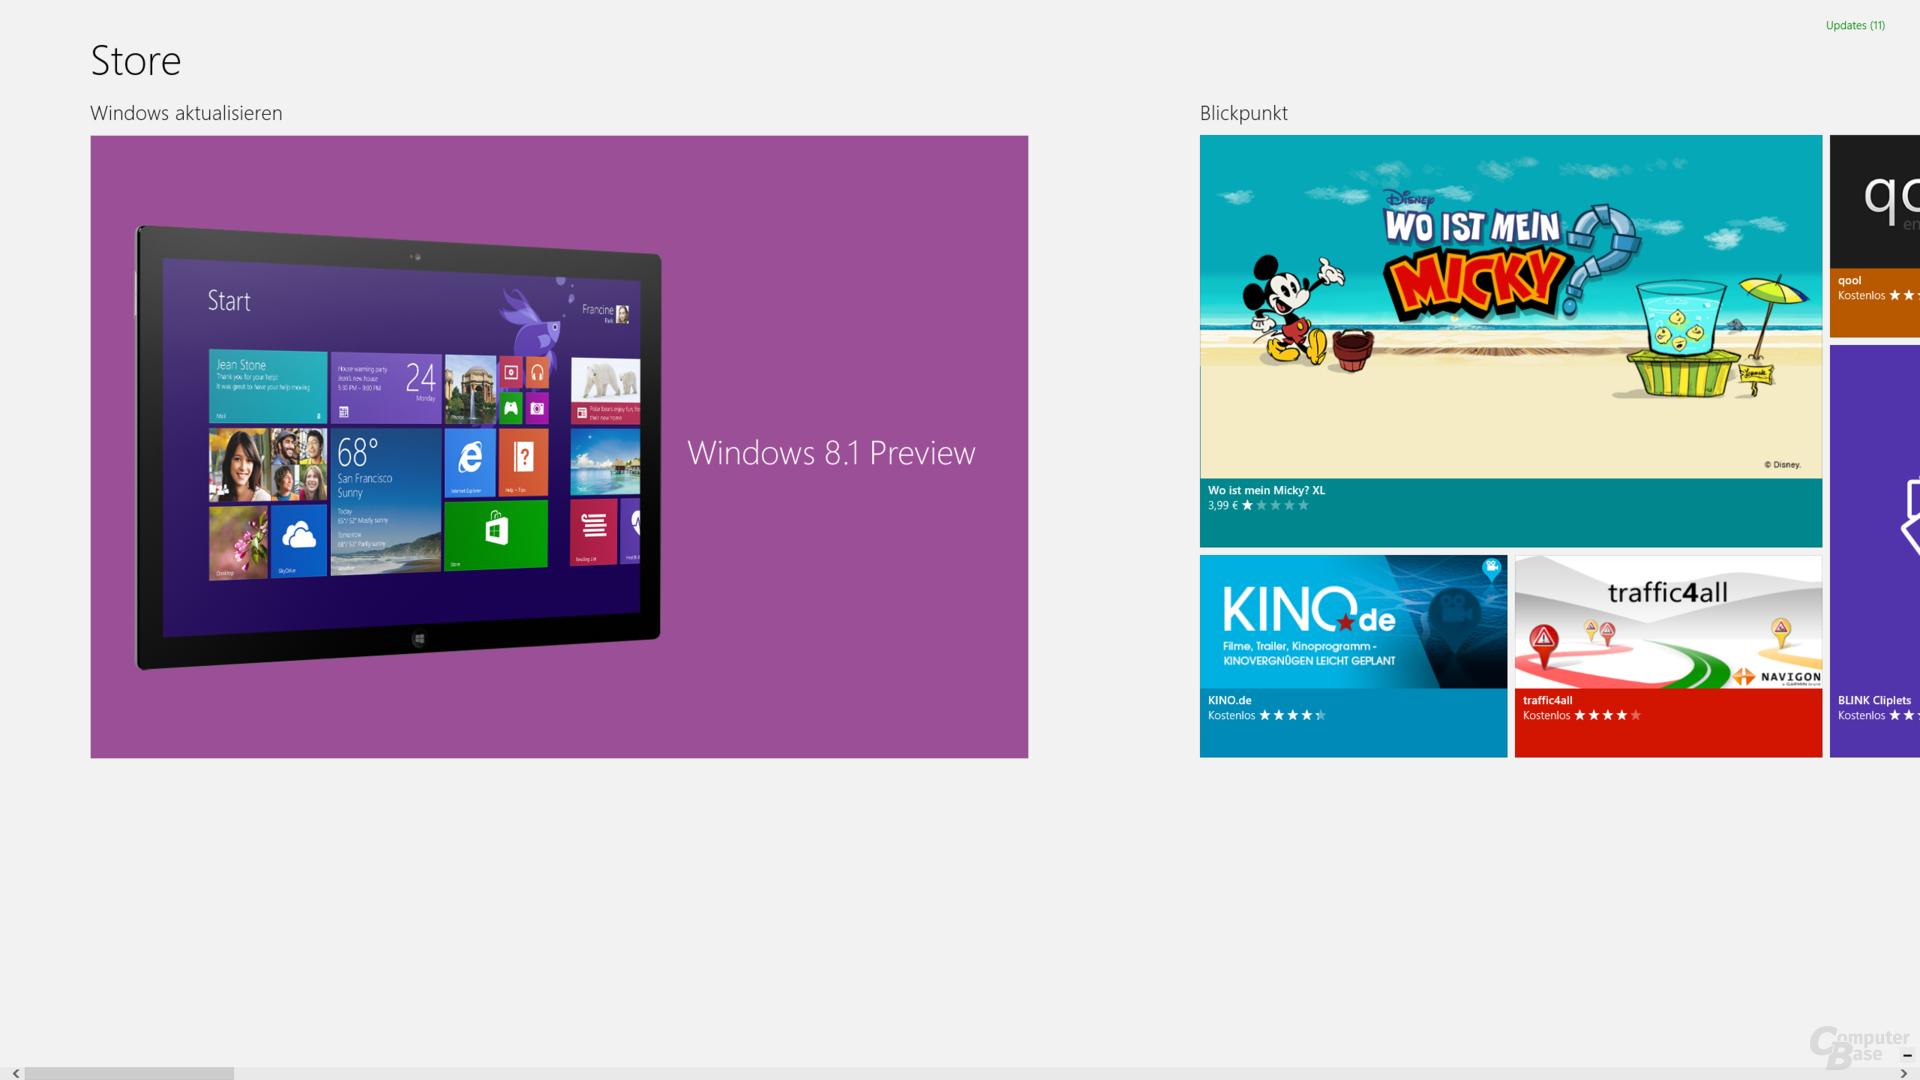 Windows-Store vor dem Update